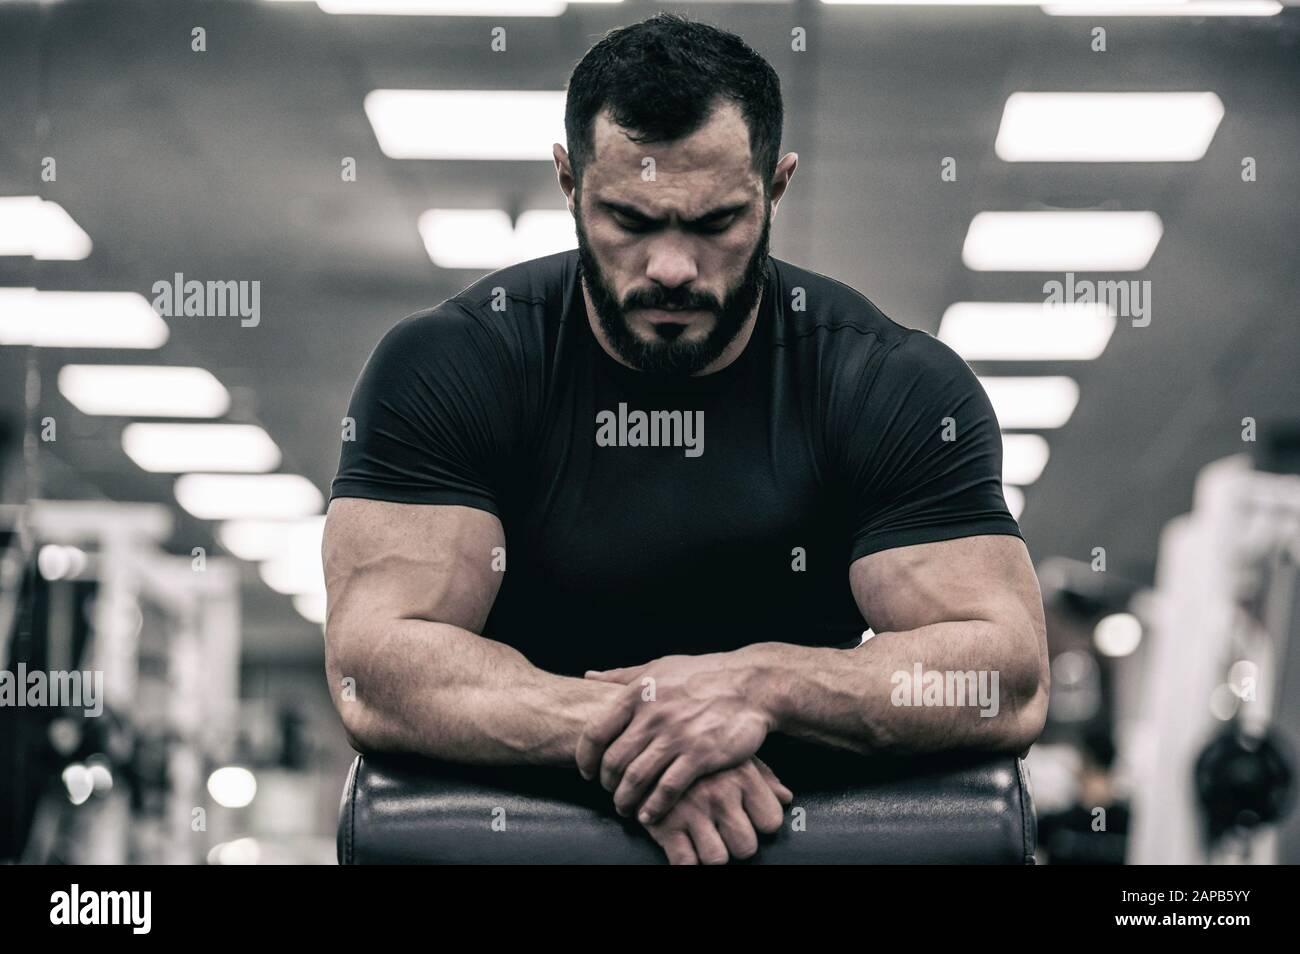 Mentaler Geist Sport Motivation Konzept des jungen starken Mannes mit Bart mit schwarzem Jersey Konzentration Entspannung in Sport Gym Stockfoto